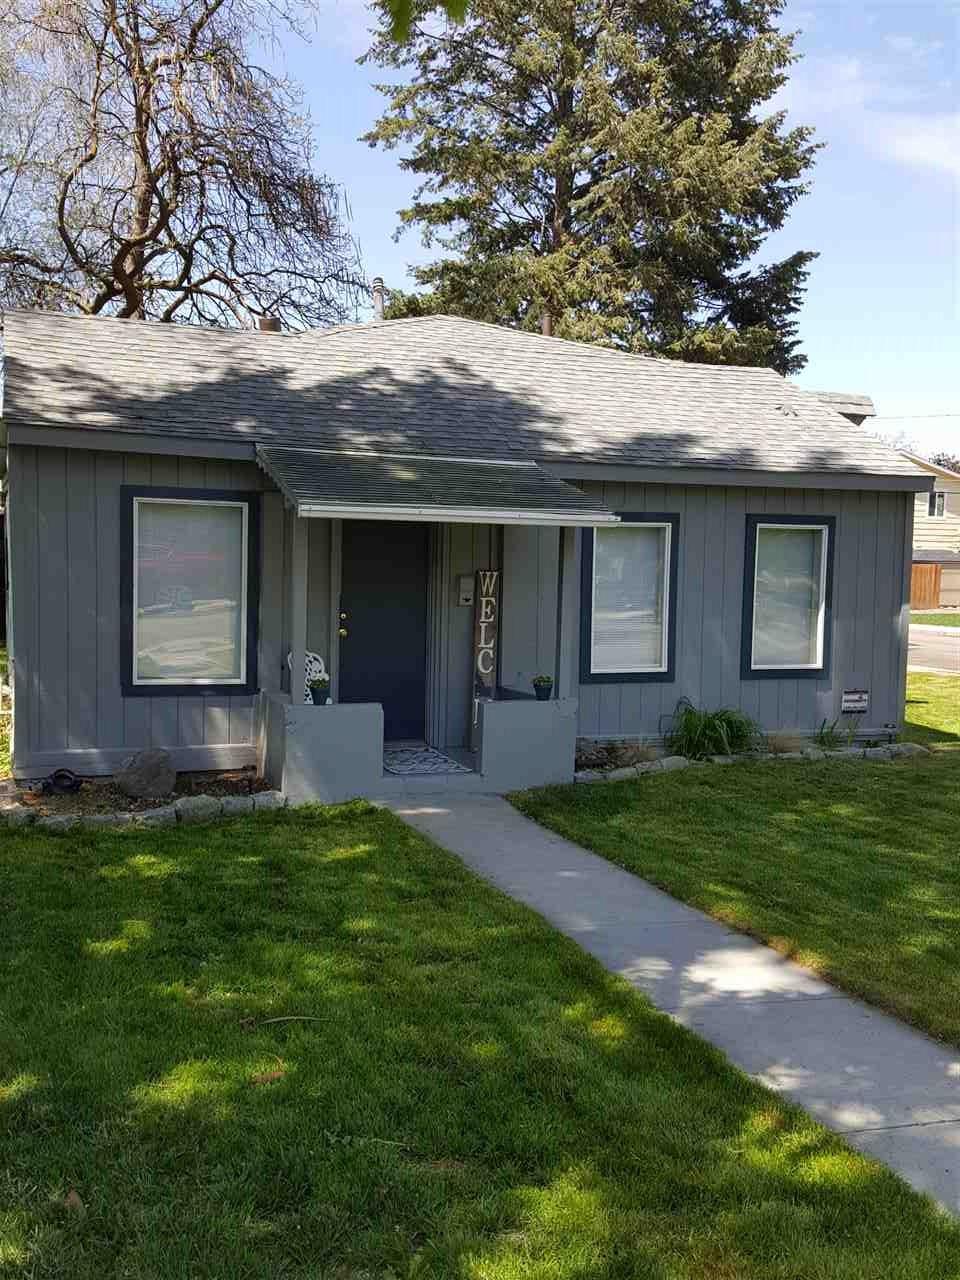 895 N 31st, Boise, ID 83702